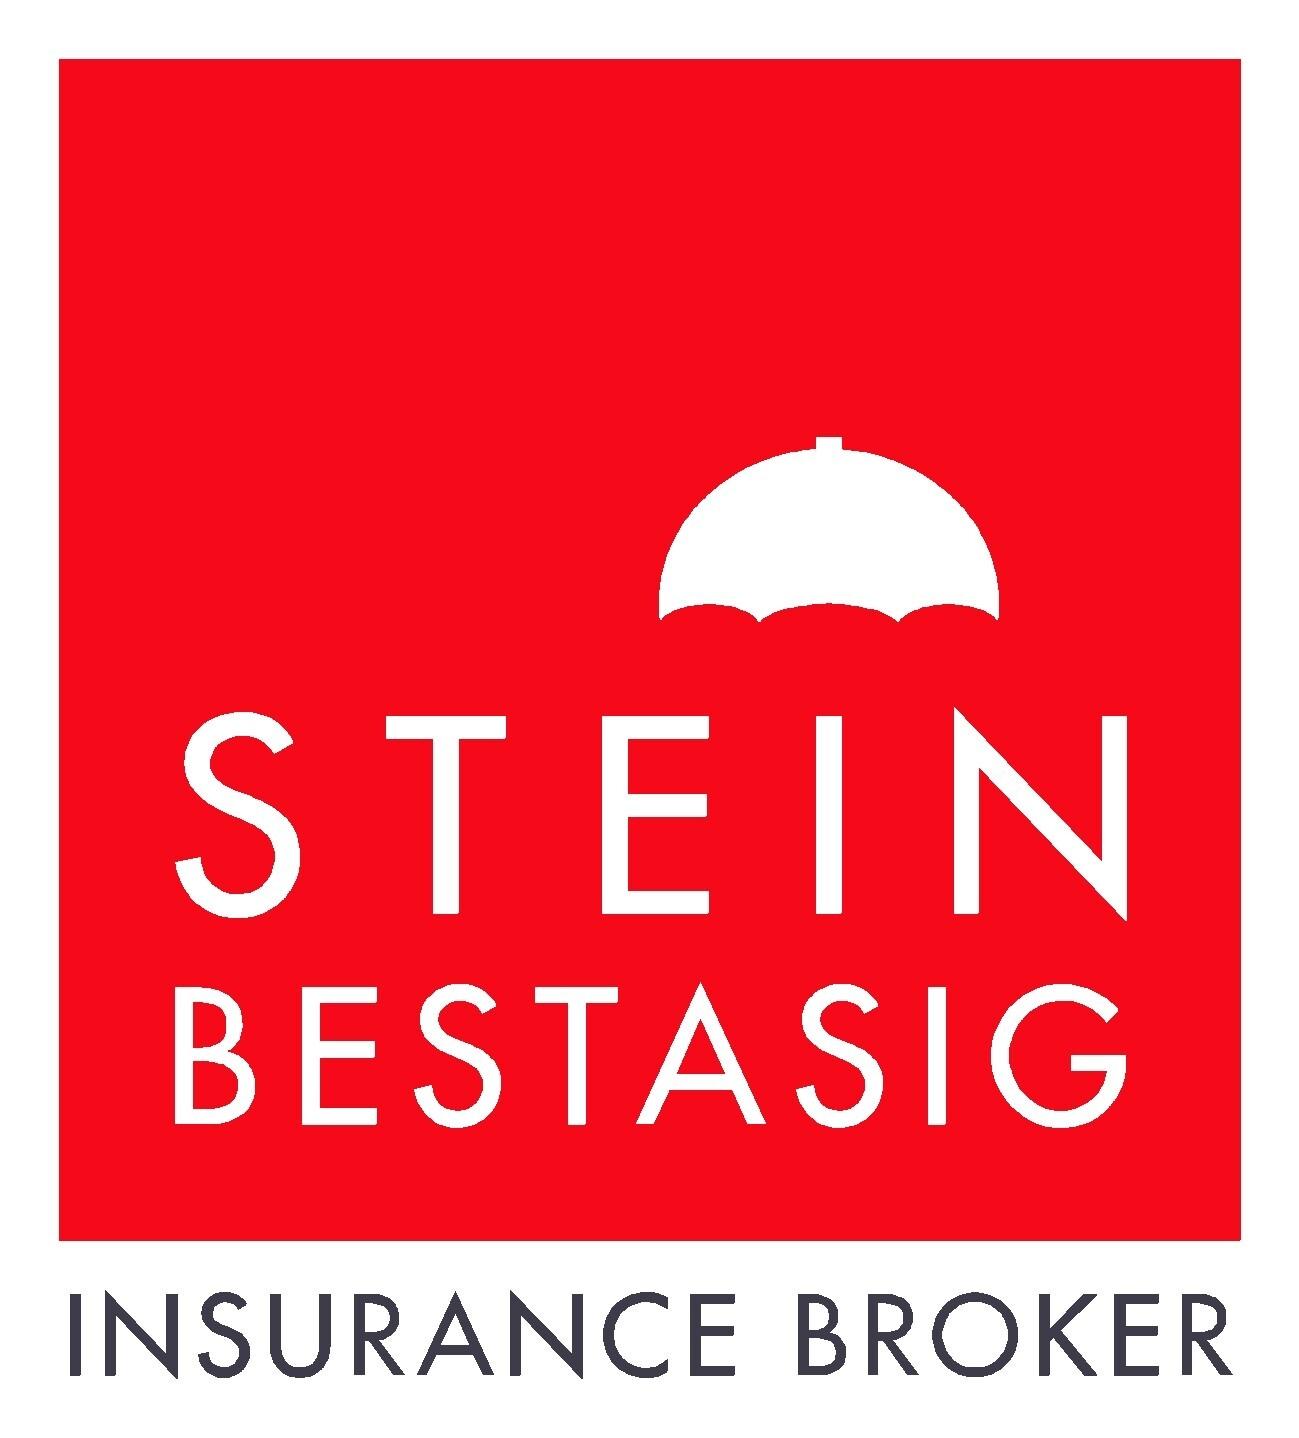 Stein Bestasig